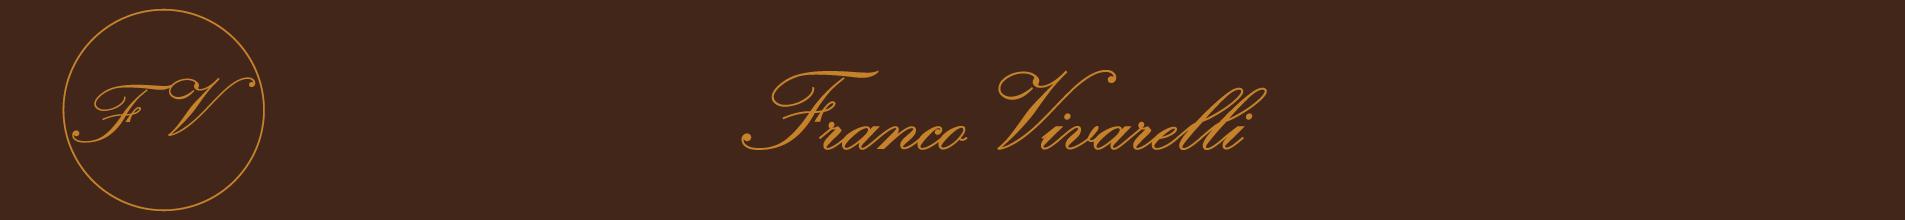 Franco Vivarelli